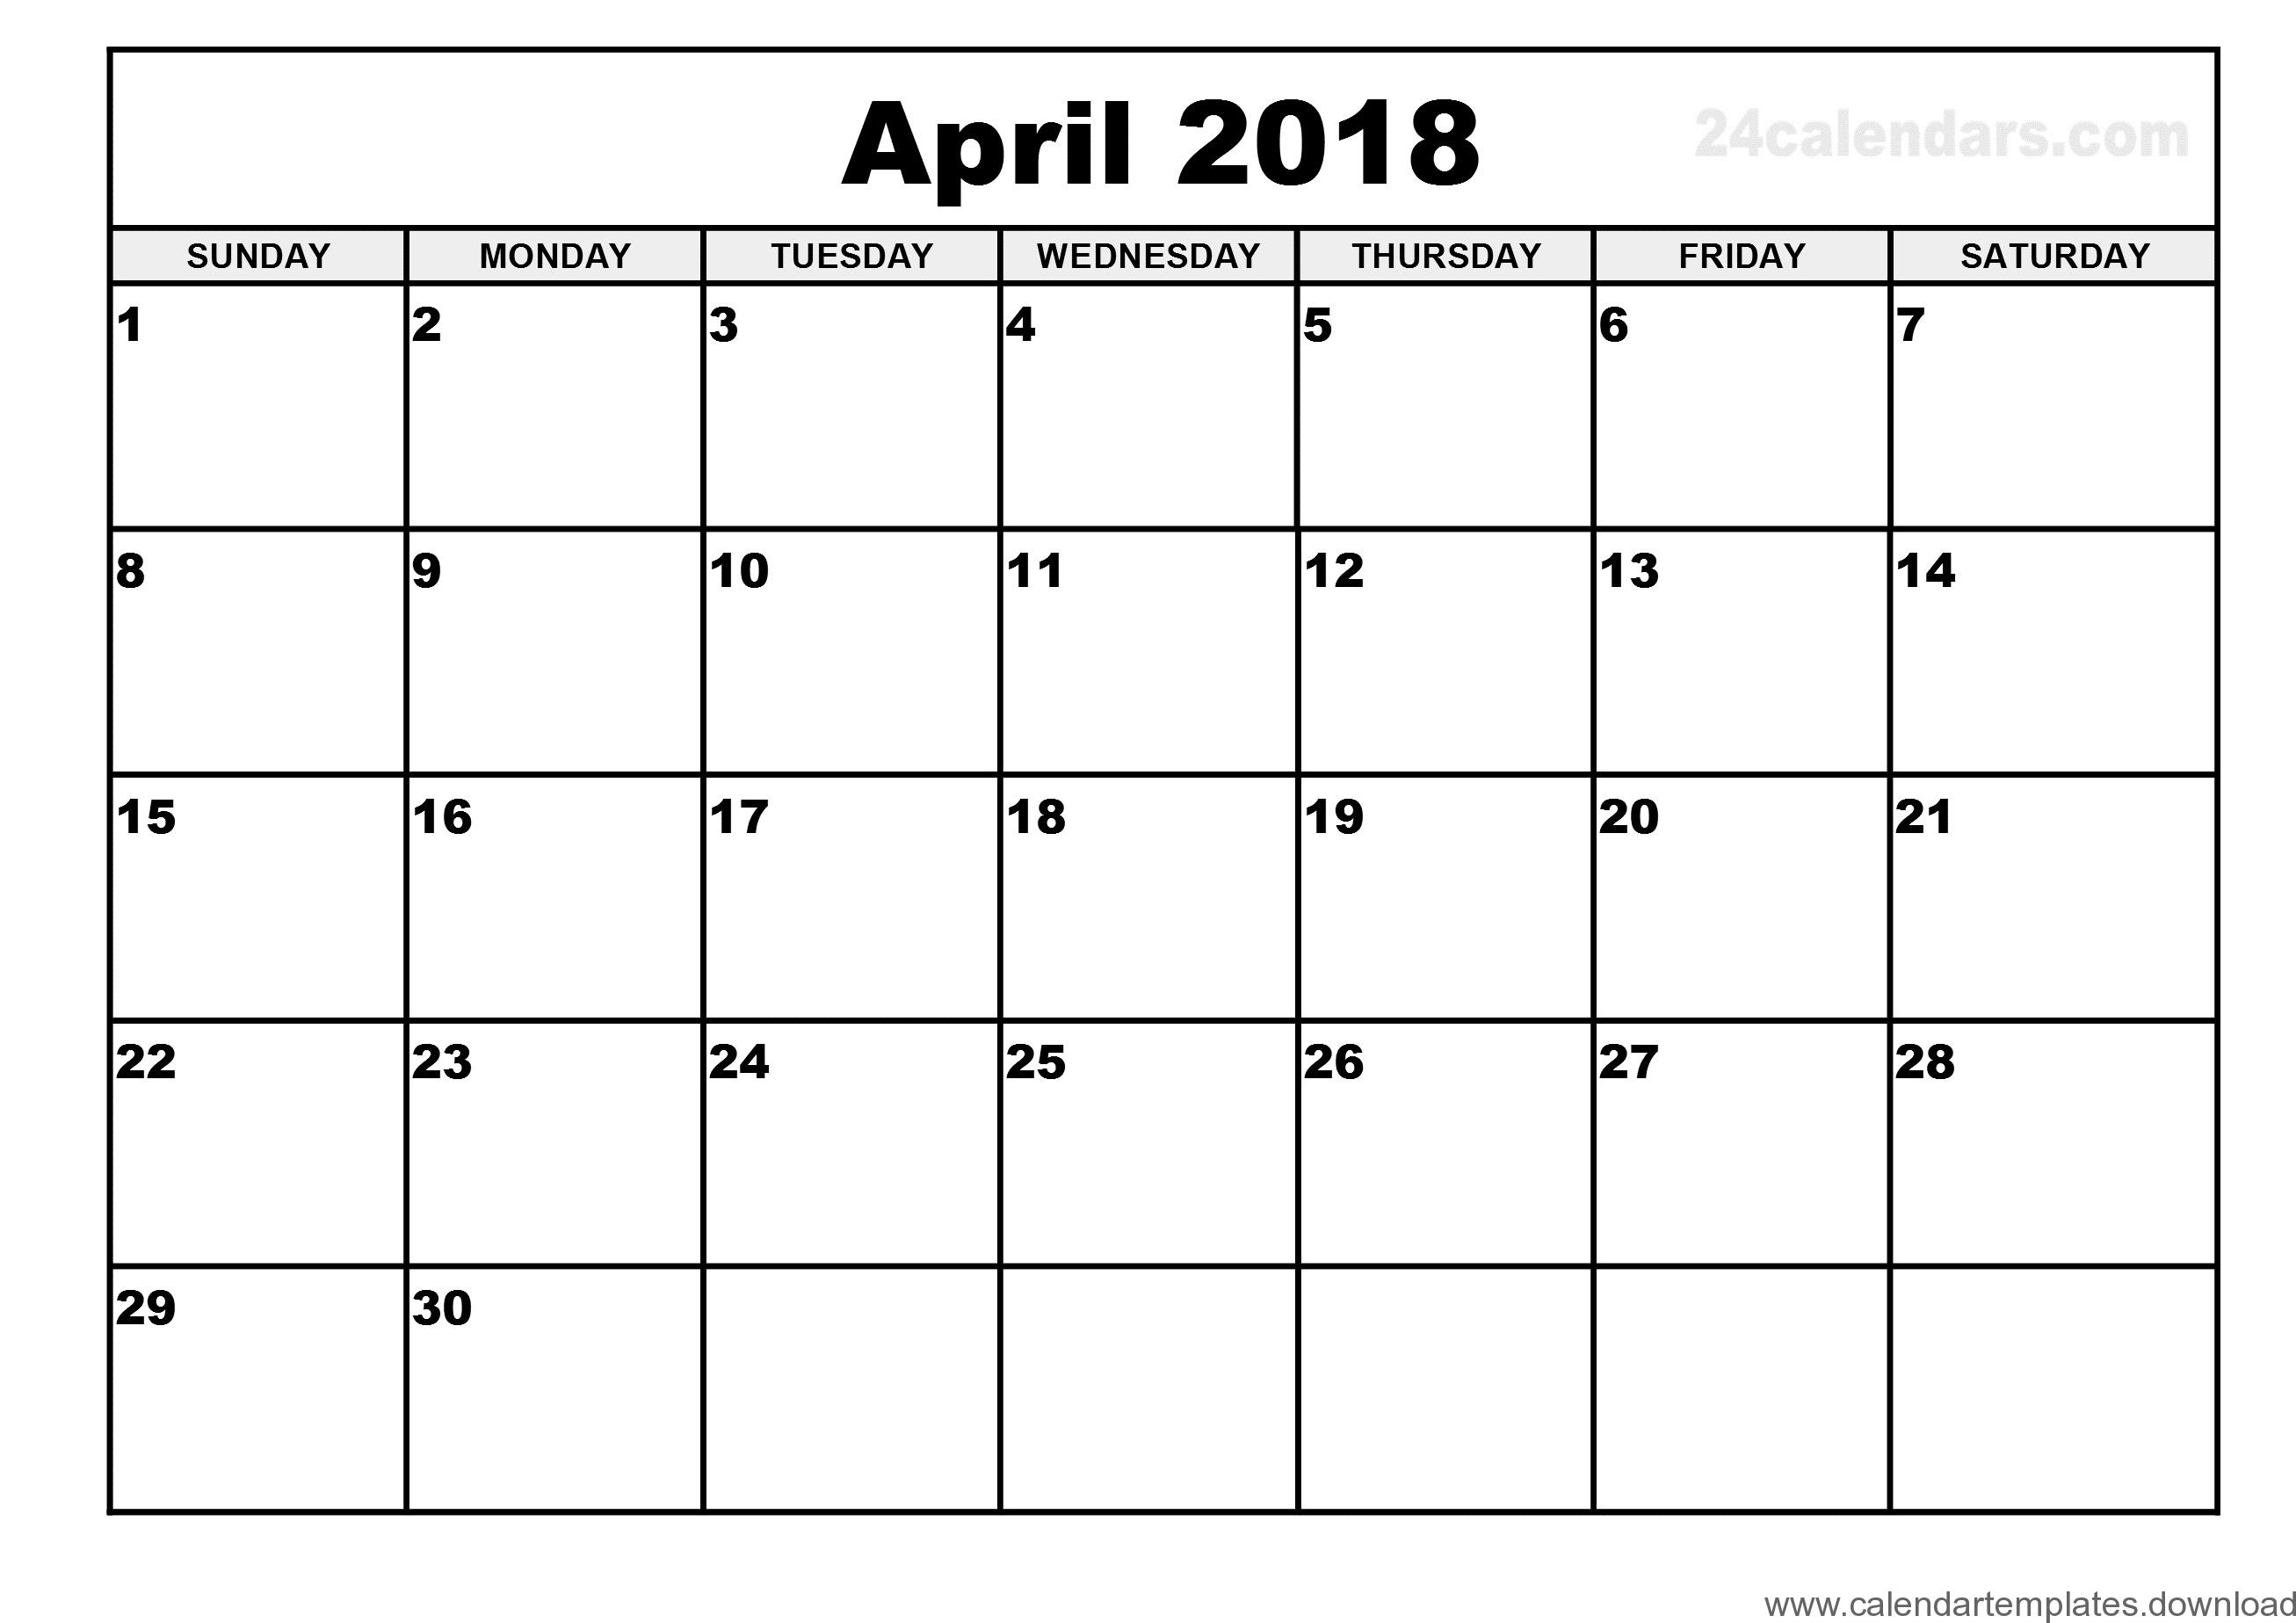 April 2018 printable calendar download